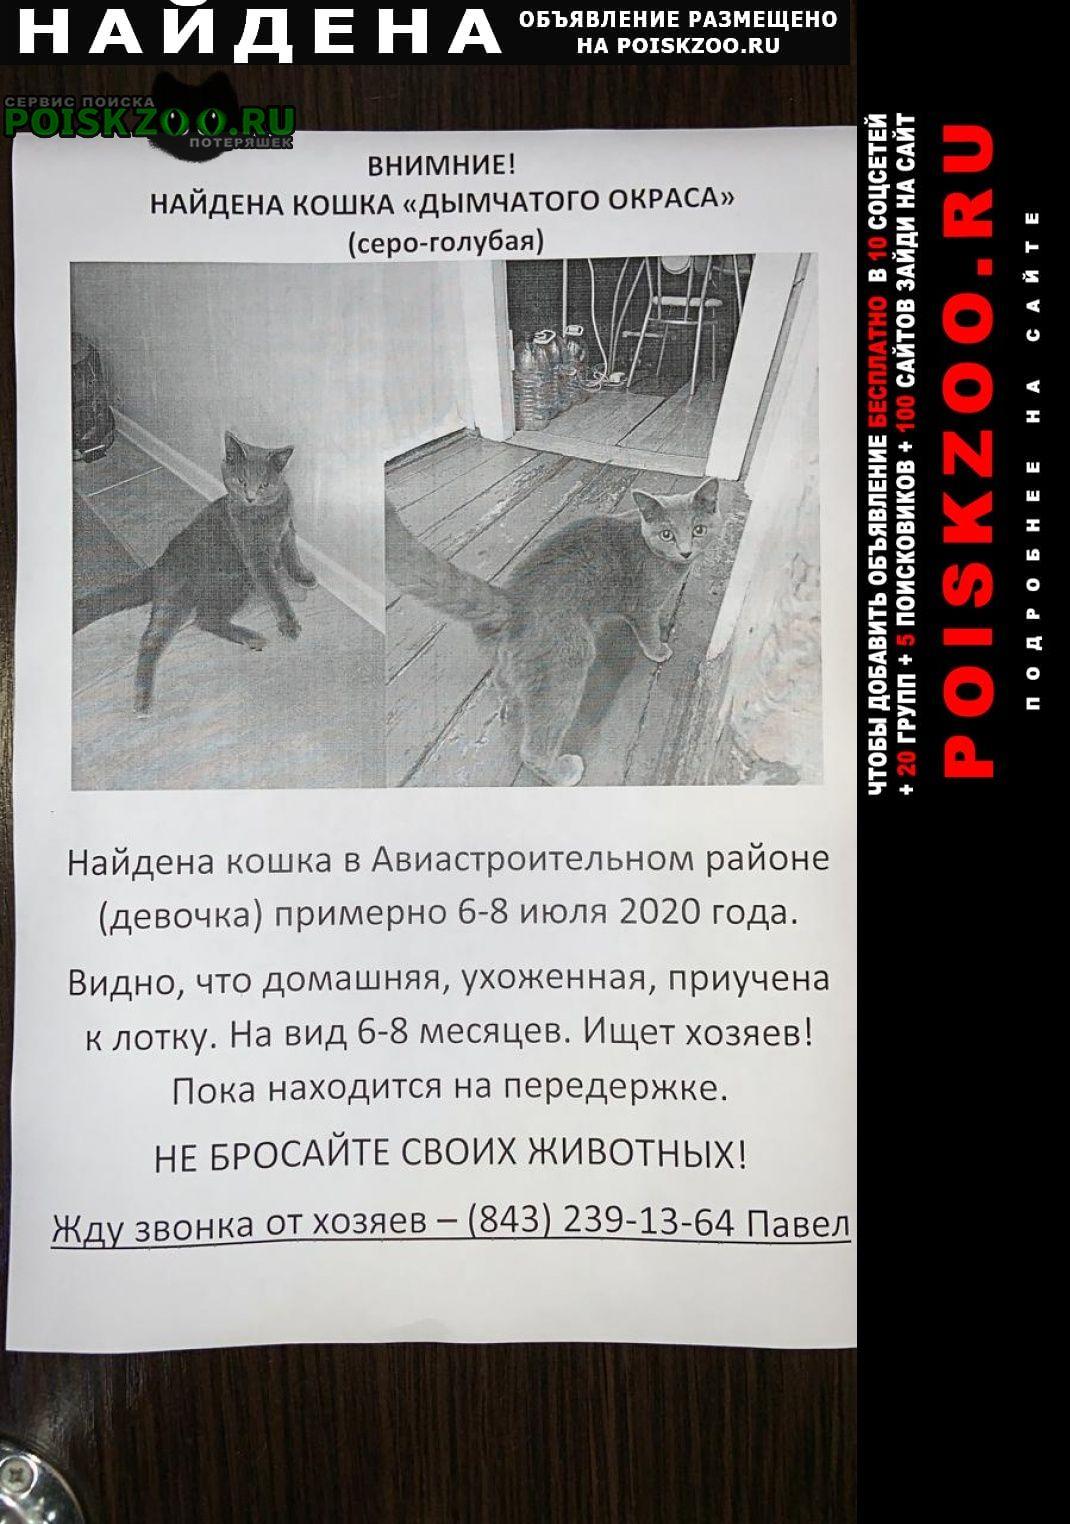 Найдена кошка авиастроительный район Казань